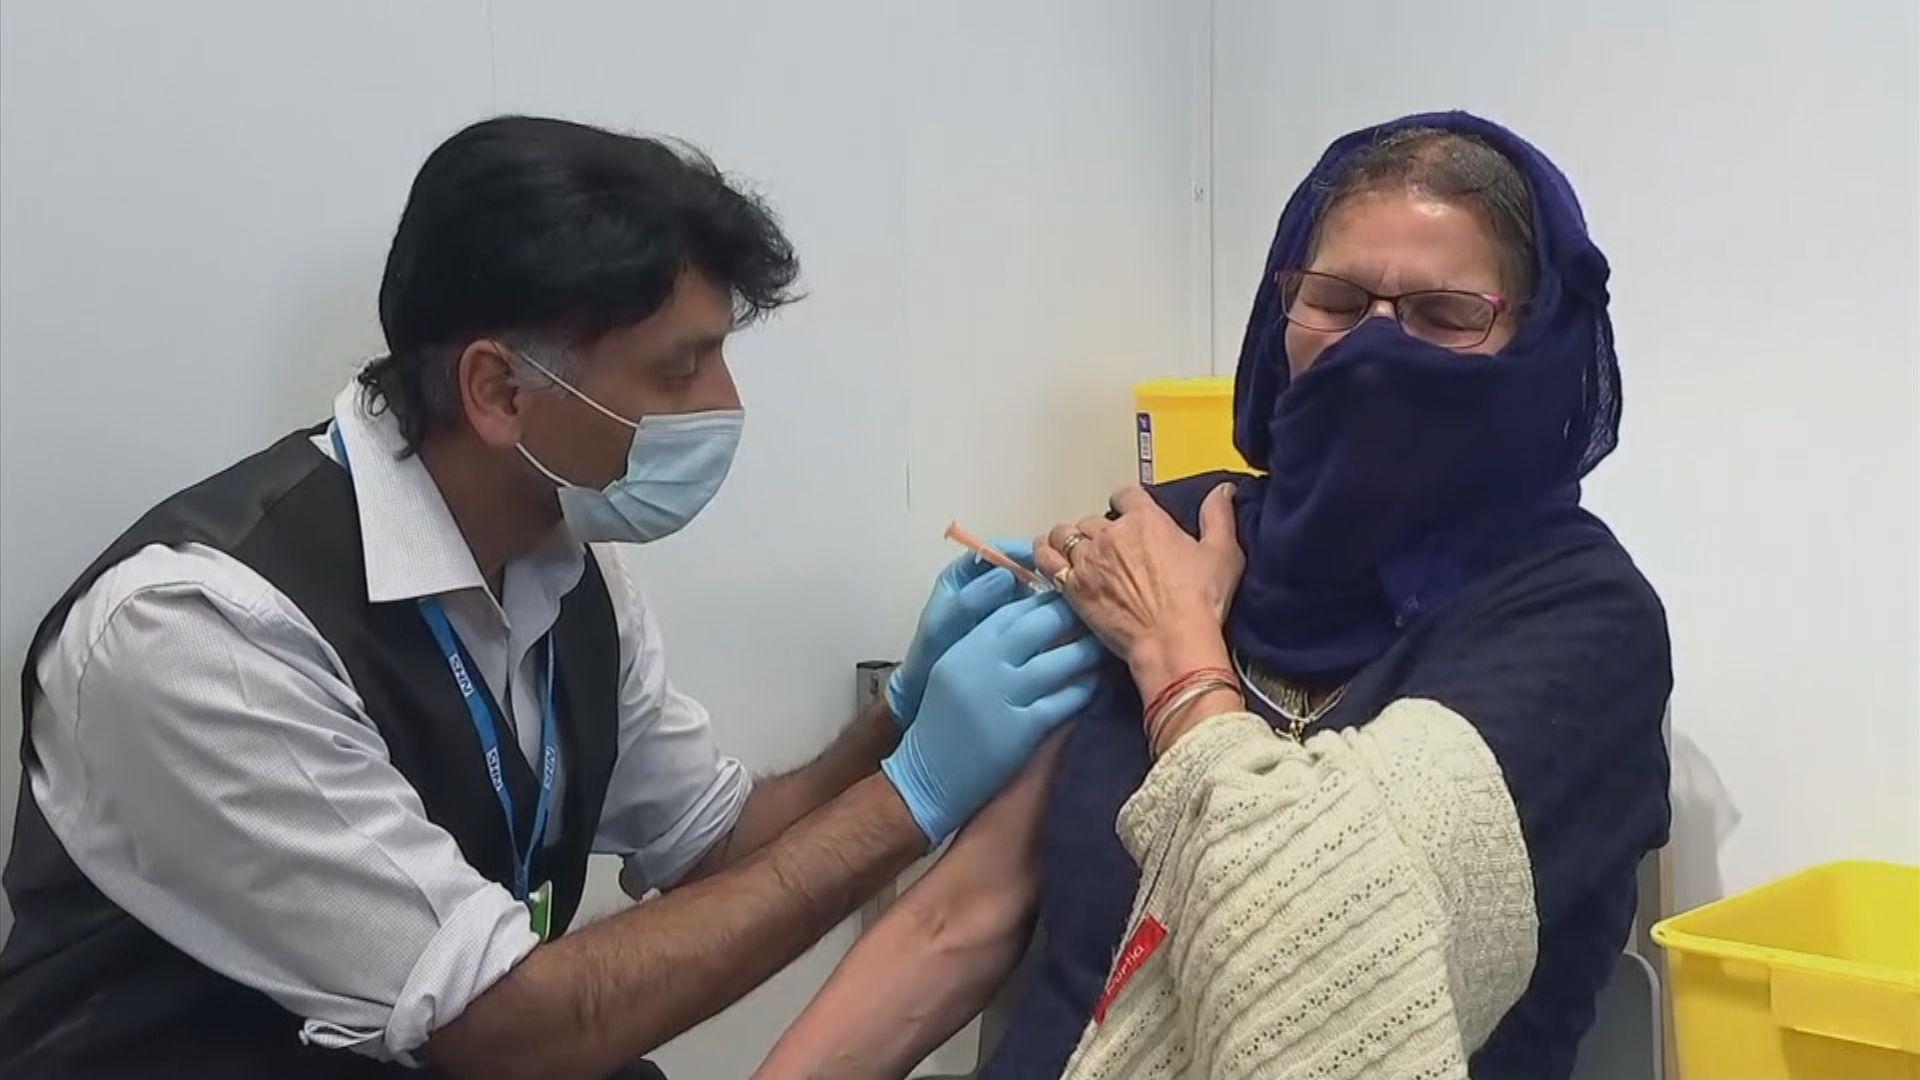 歐盟峰會促疫苗生產商尊重供貨合約